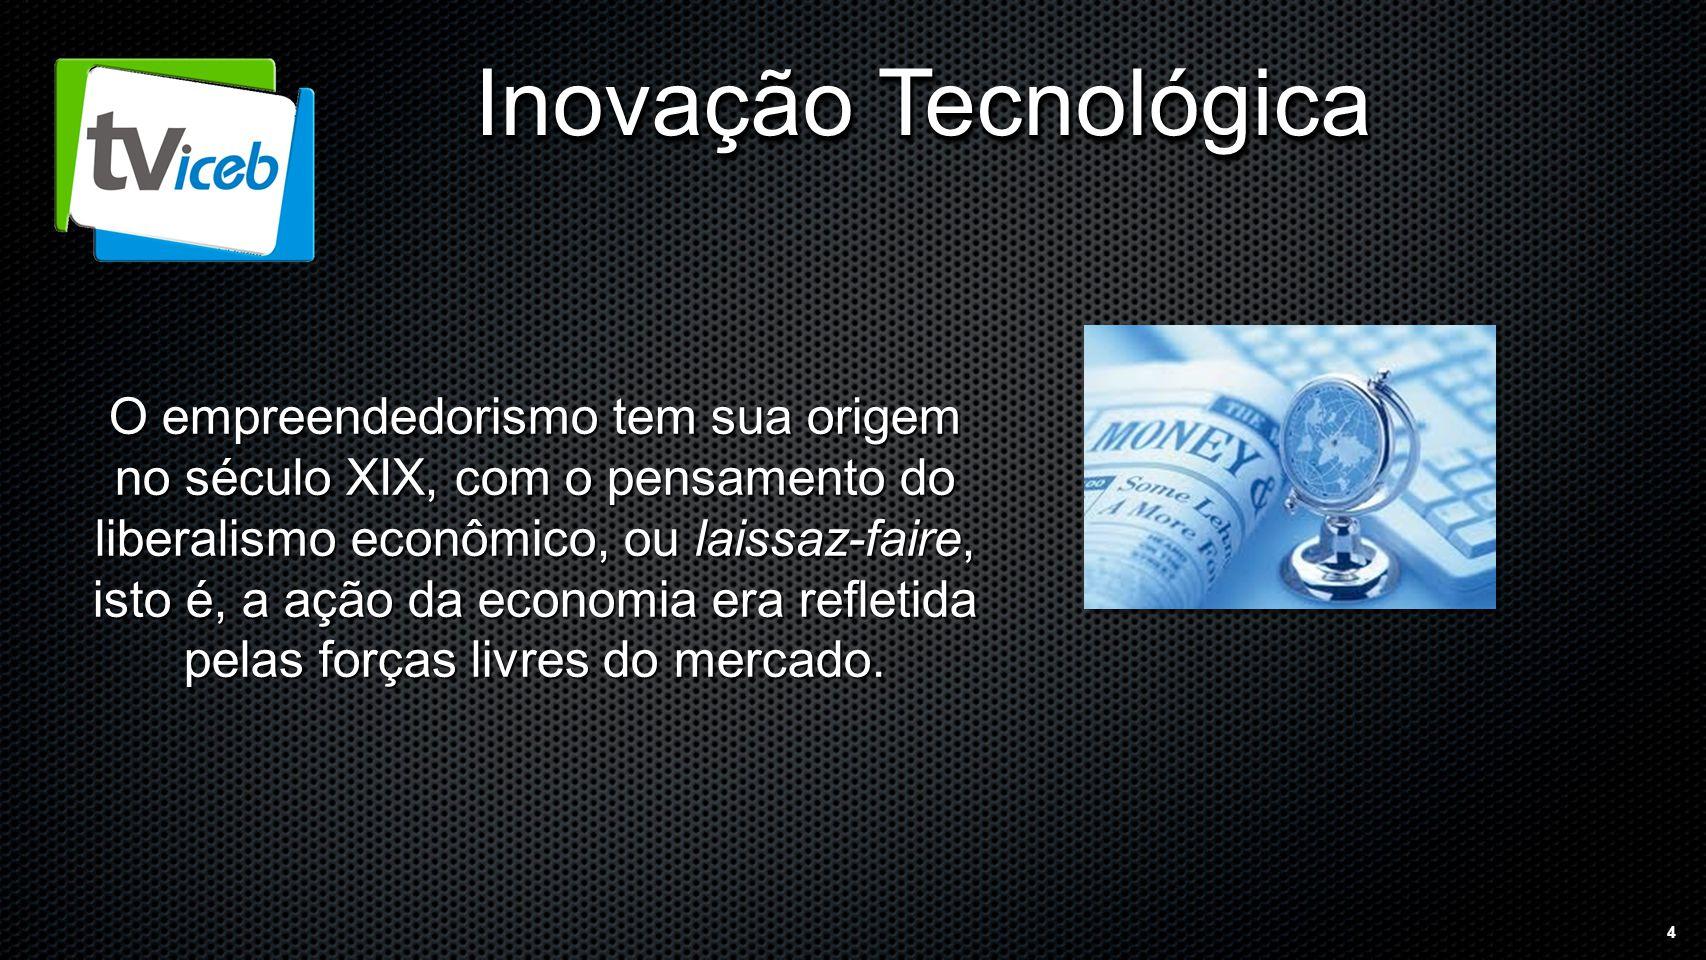 4 Inovação Tecnológica O empreendedorismo tem sua origem no século XIX, com o pensamento do liberalismo econômico, ou laissaz-faire, isto é, a ação da economia era refletida pelas forças livres do mercado.